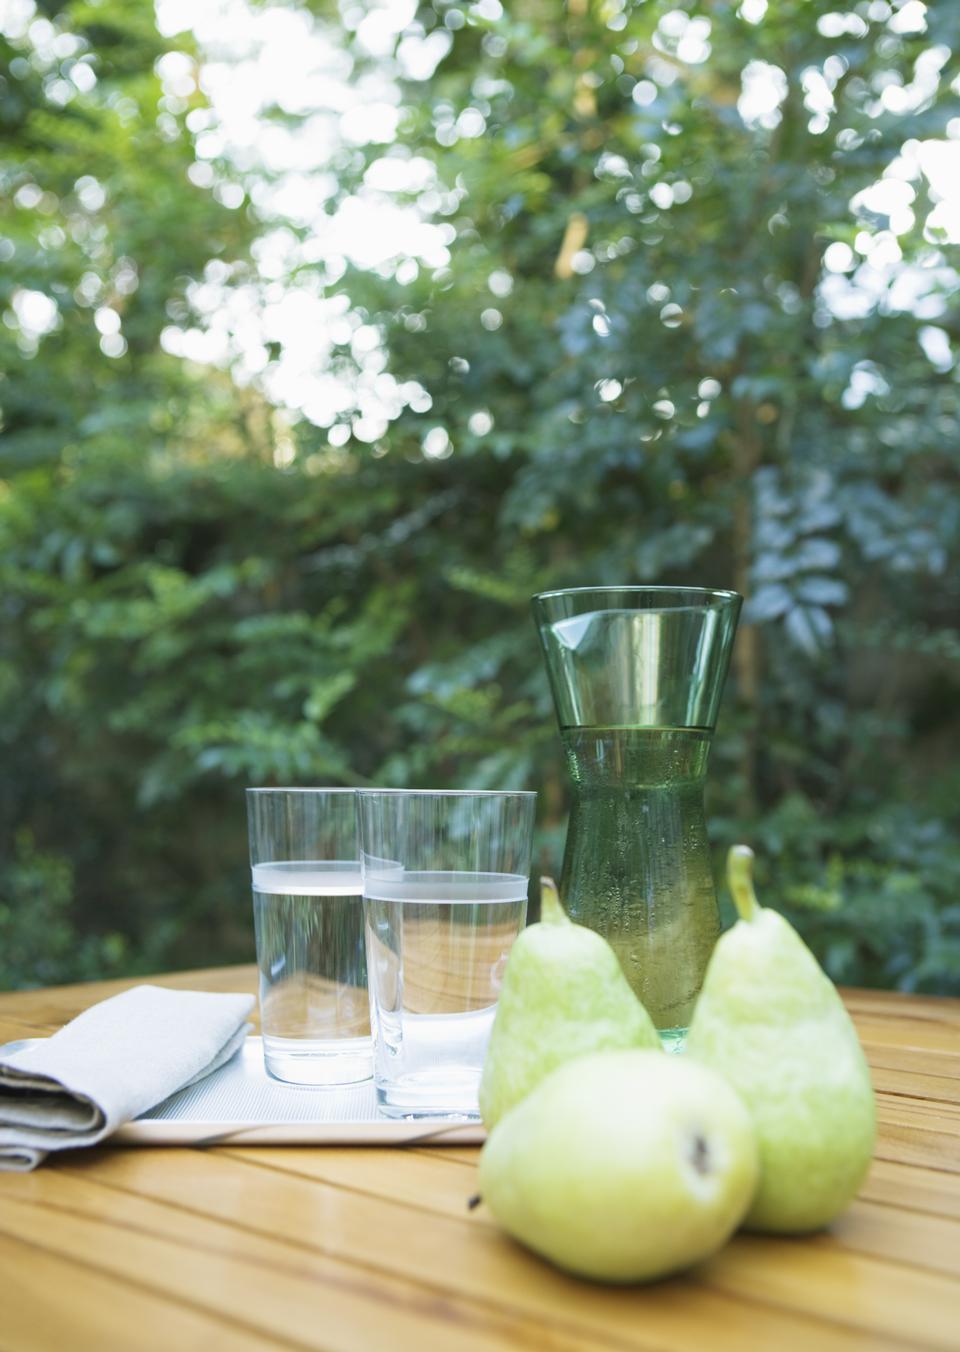 テーブルの上に表示された水や果物の二つのカップ